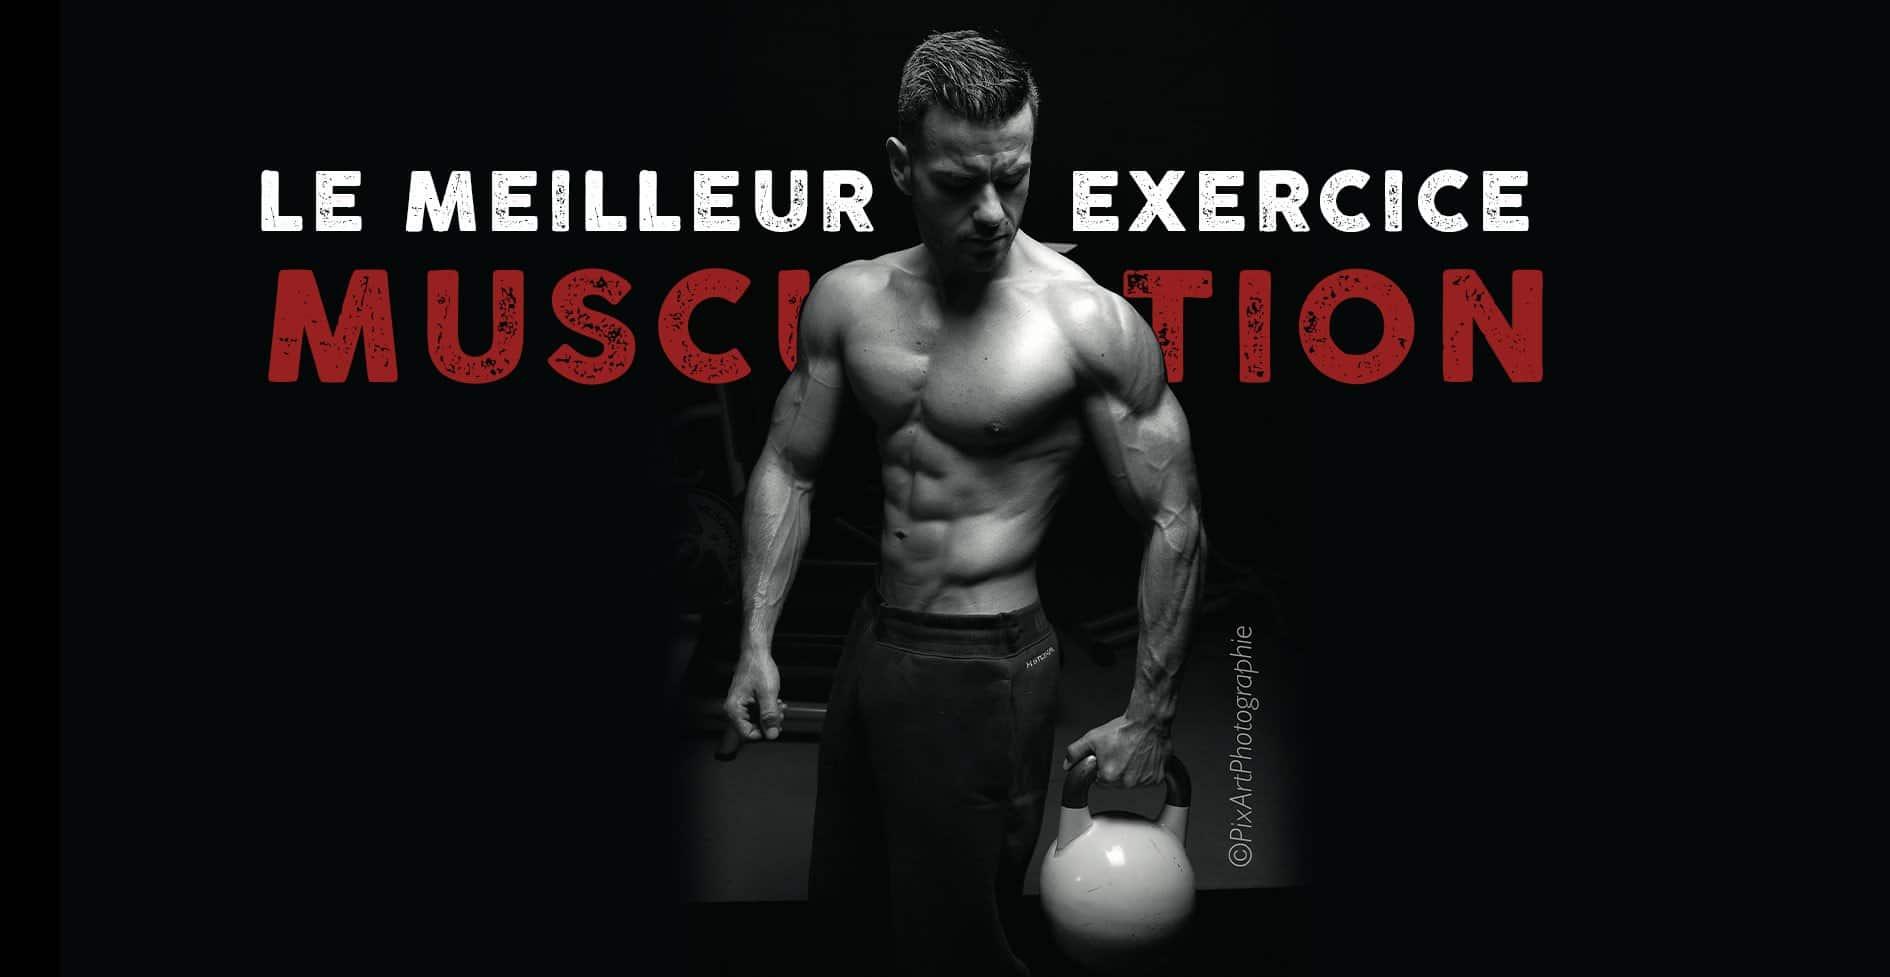 Le meilleur exercice en musculation c'est lui